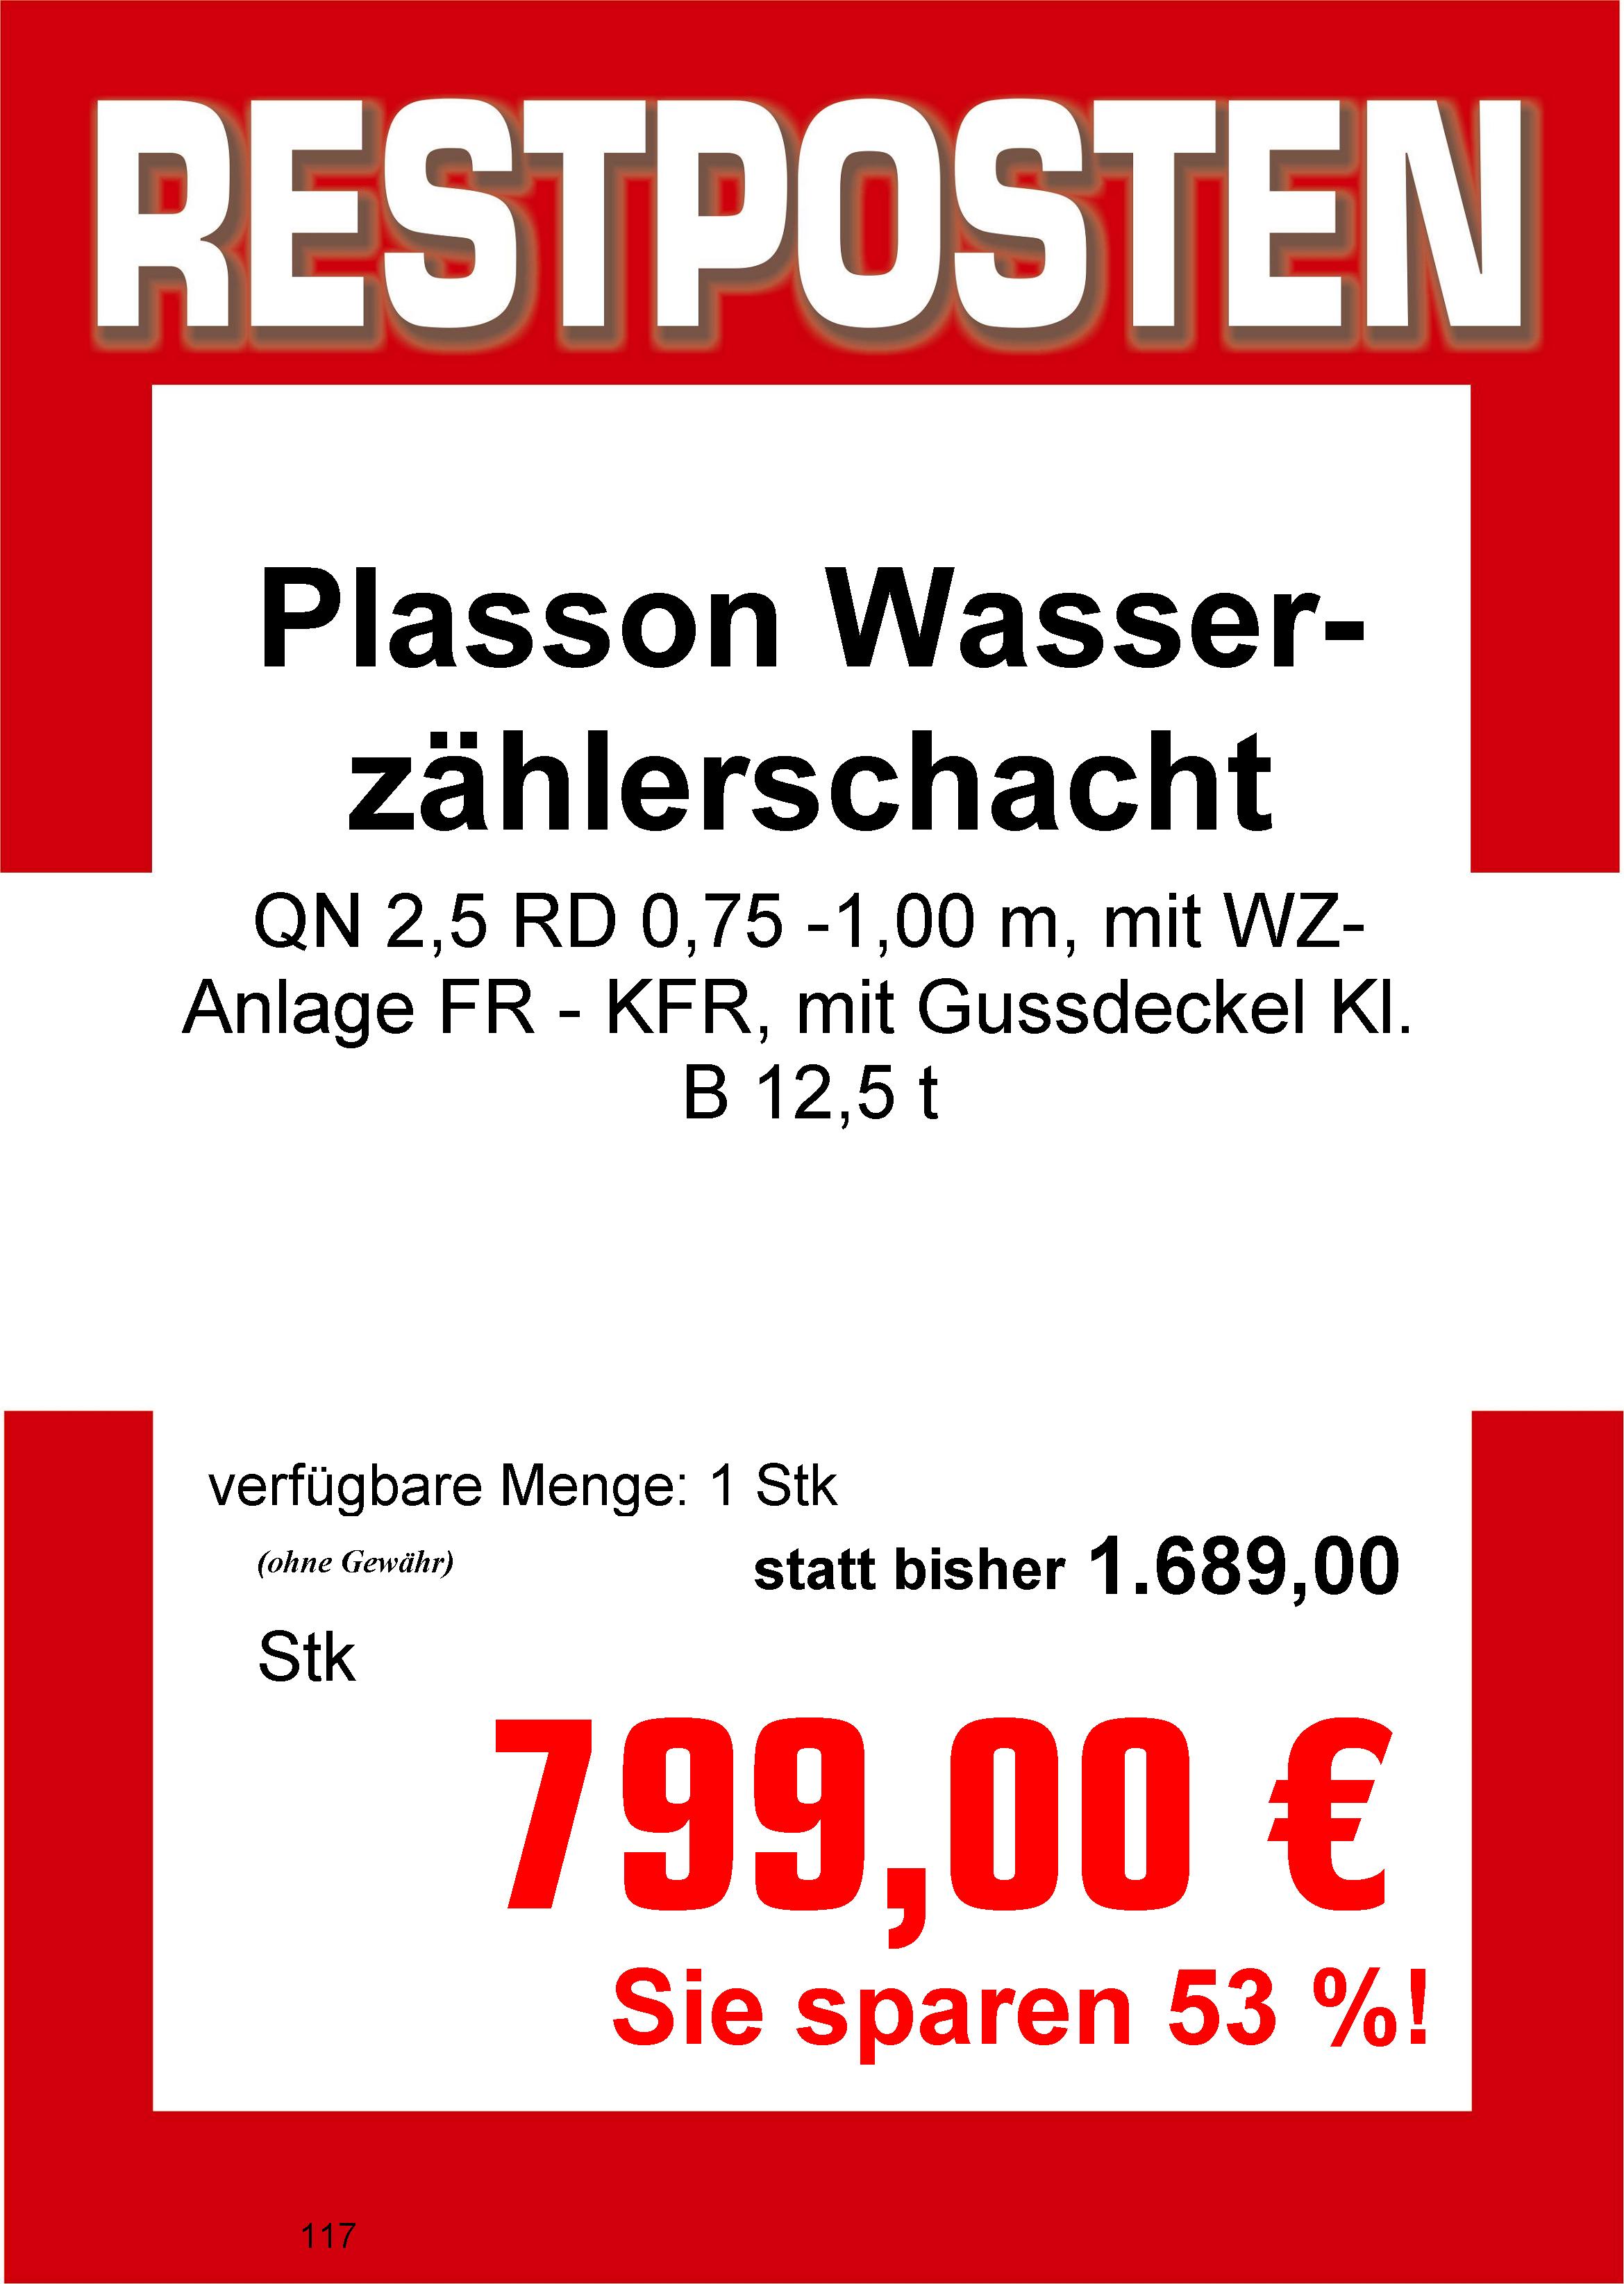 Plasson_QN_2.5.png